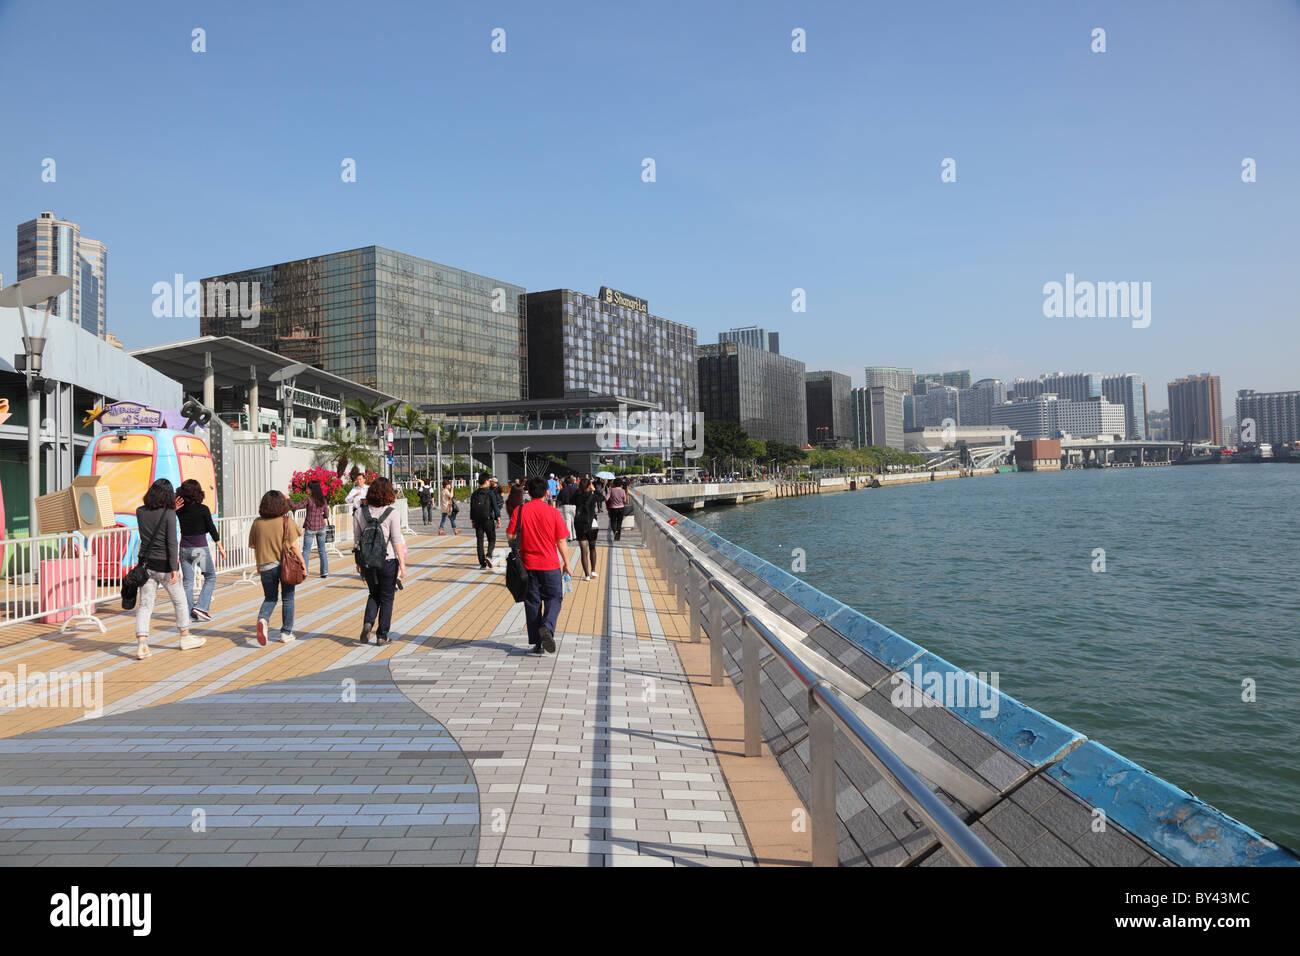 L'Avenue des Stars à Hong Kong. Photo prise à la 5 Décembre 2010 Photo Stock